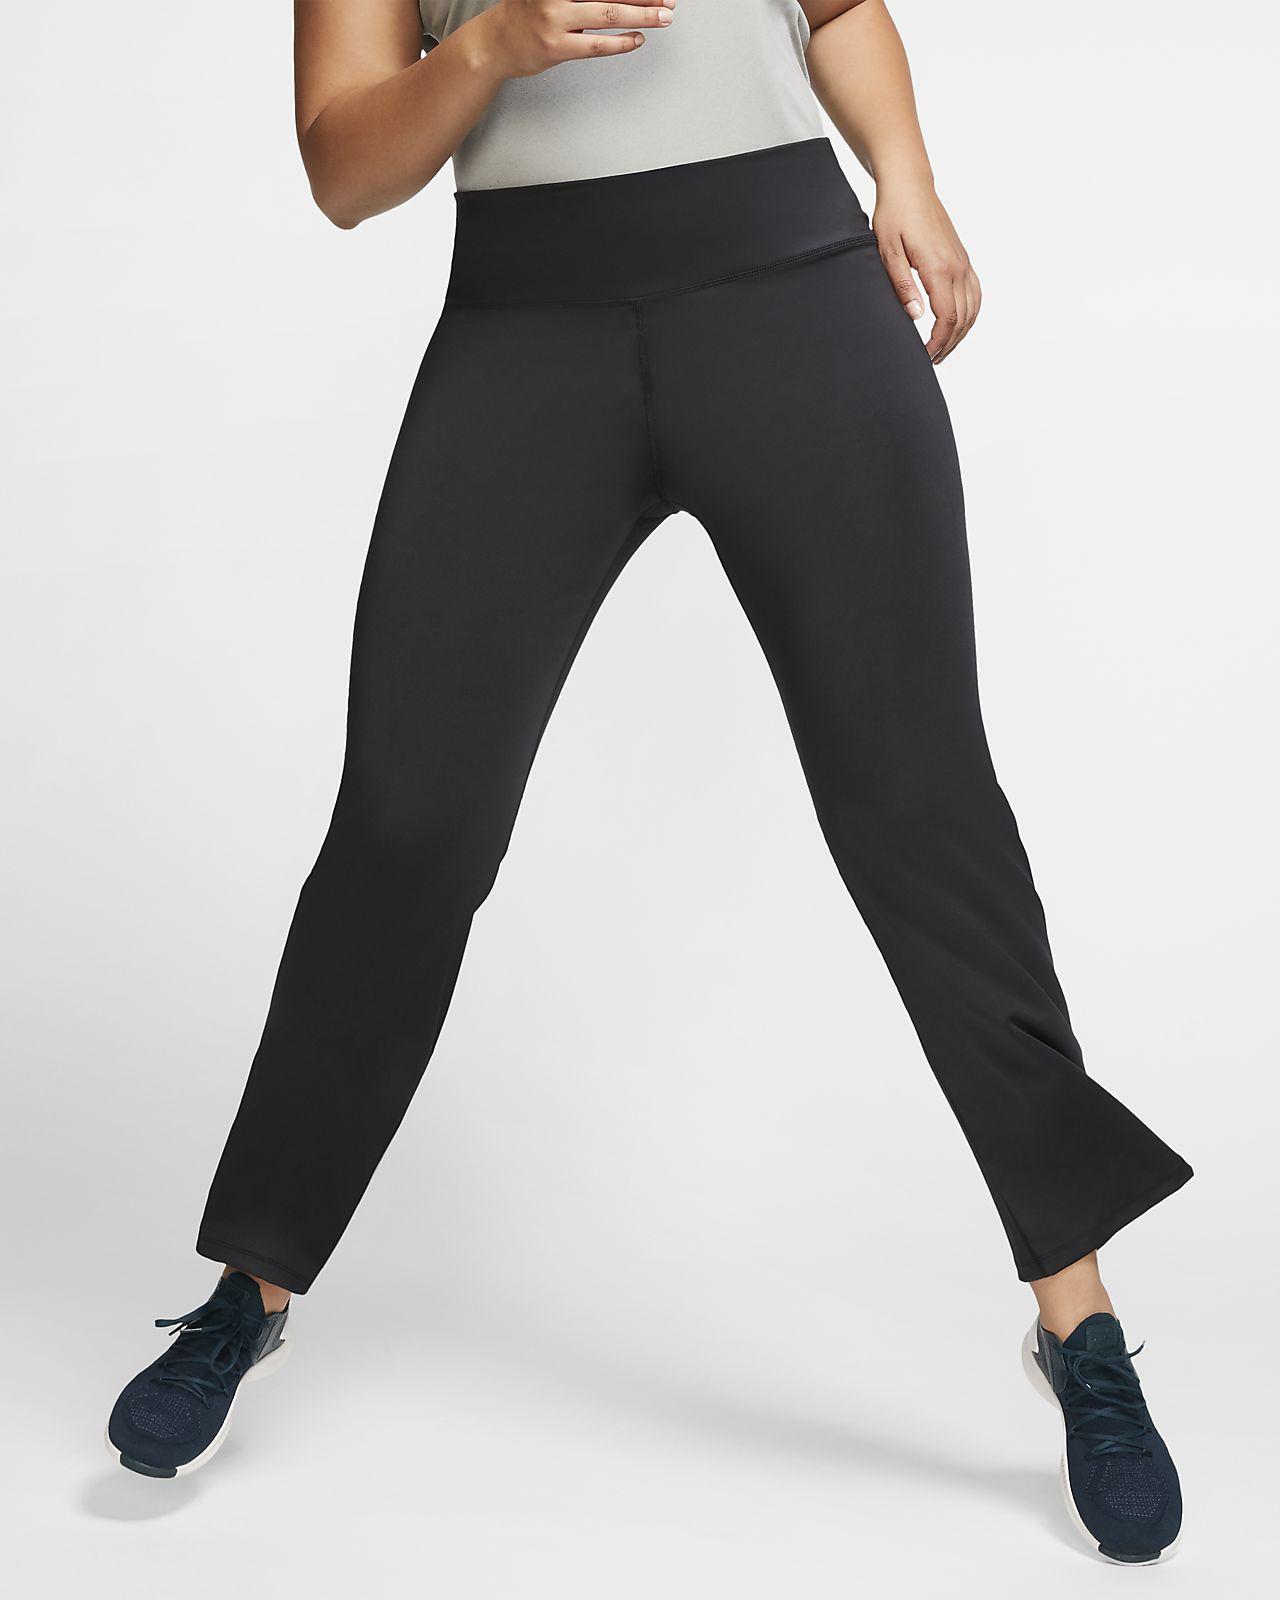 Nike Power női edzőnadrág (plus size méret)